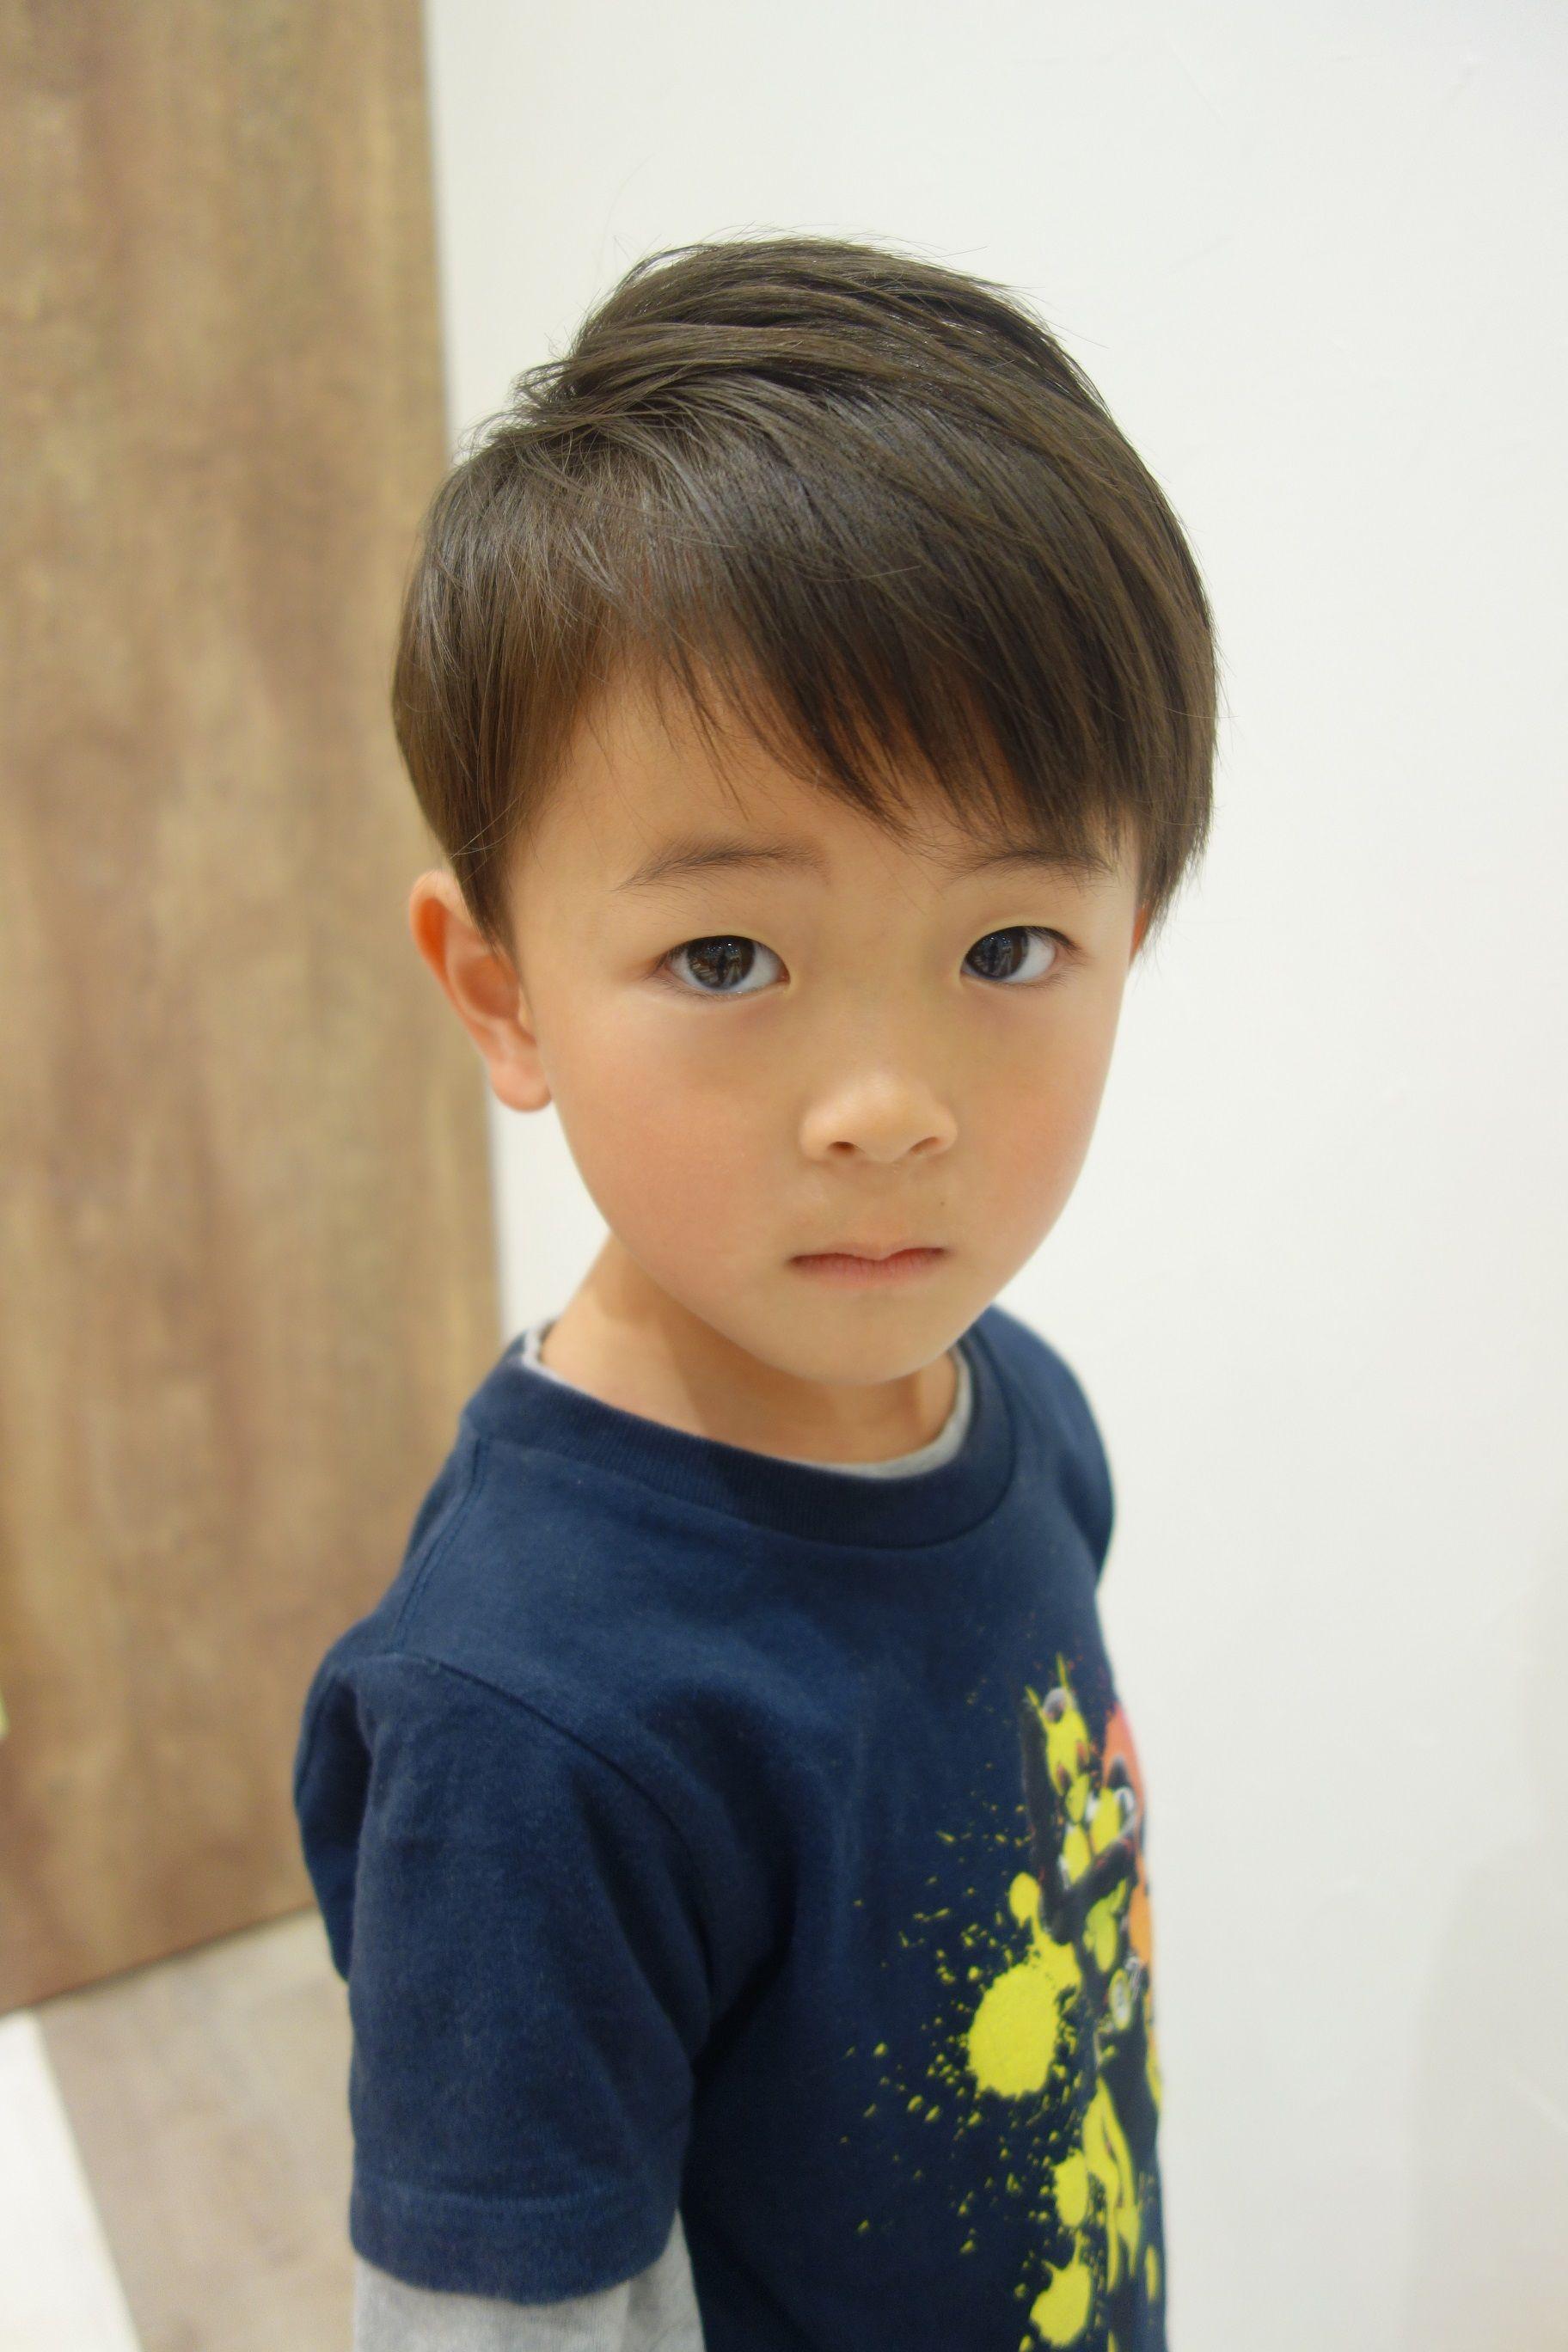 小学生男子のおしゃれな髪型 人気のヘアスタイルはどれ 男の子のかっこいい髪型を人気順にご紹介 Hugkum 小学館公式 ボーイズヘアカット 日本のヘアカット キッズカット 男の子